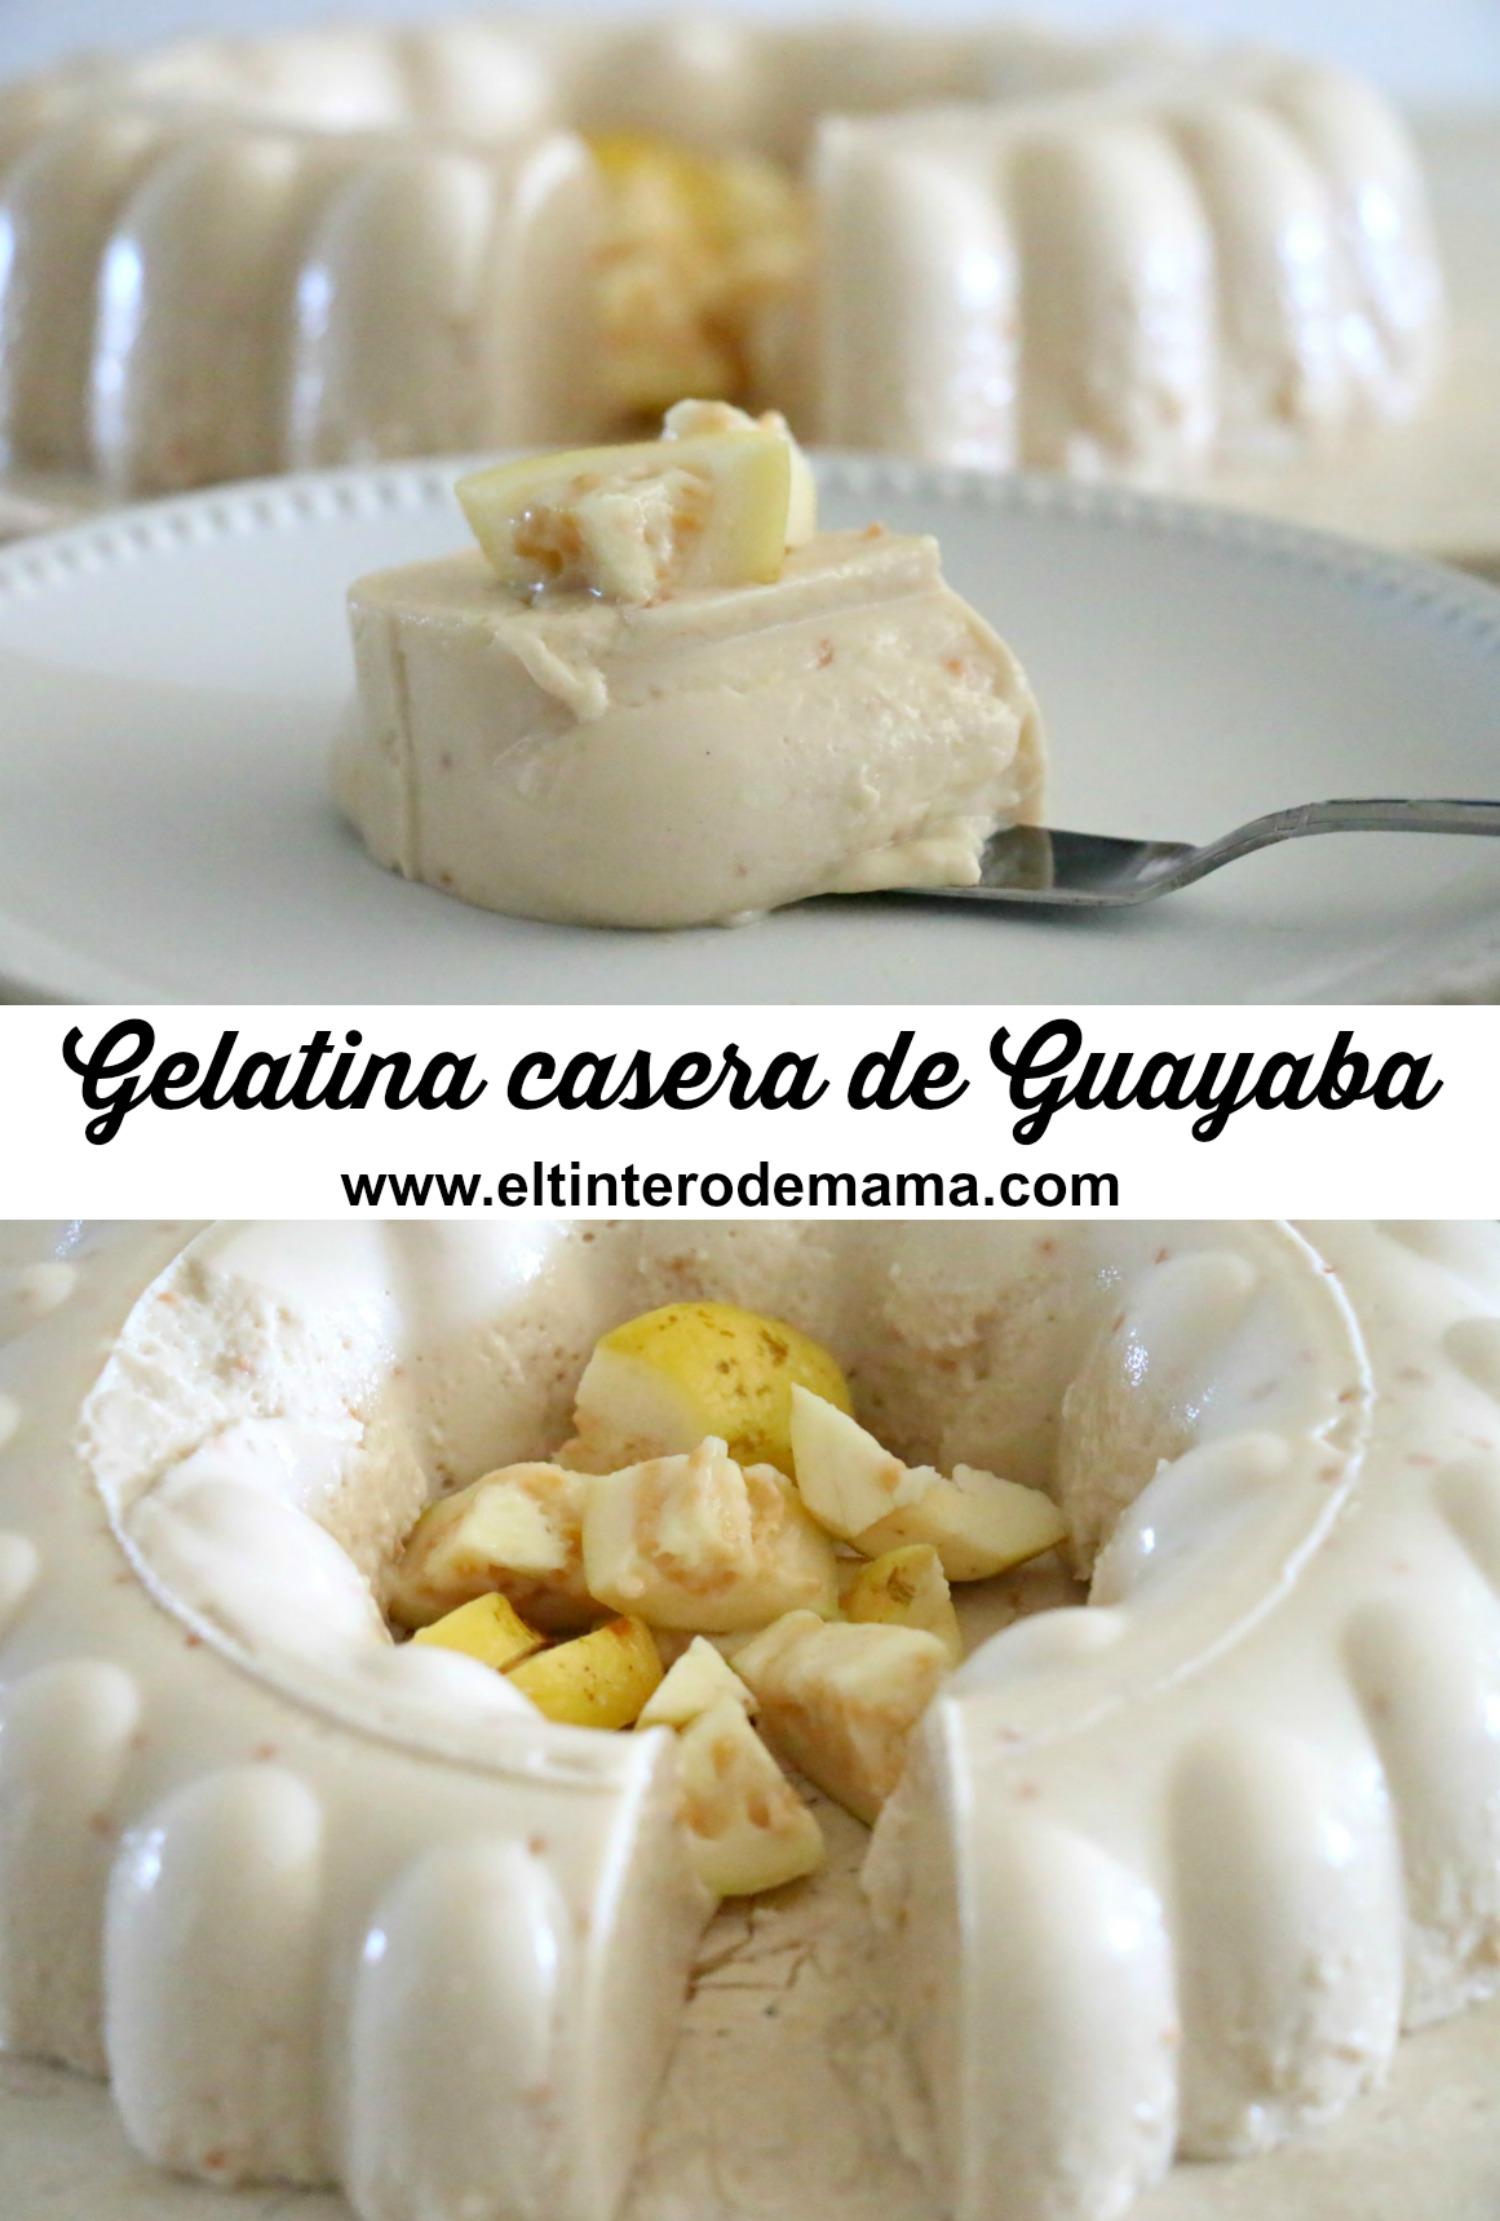 Gelatina-casera-de-guayaba-receta